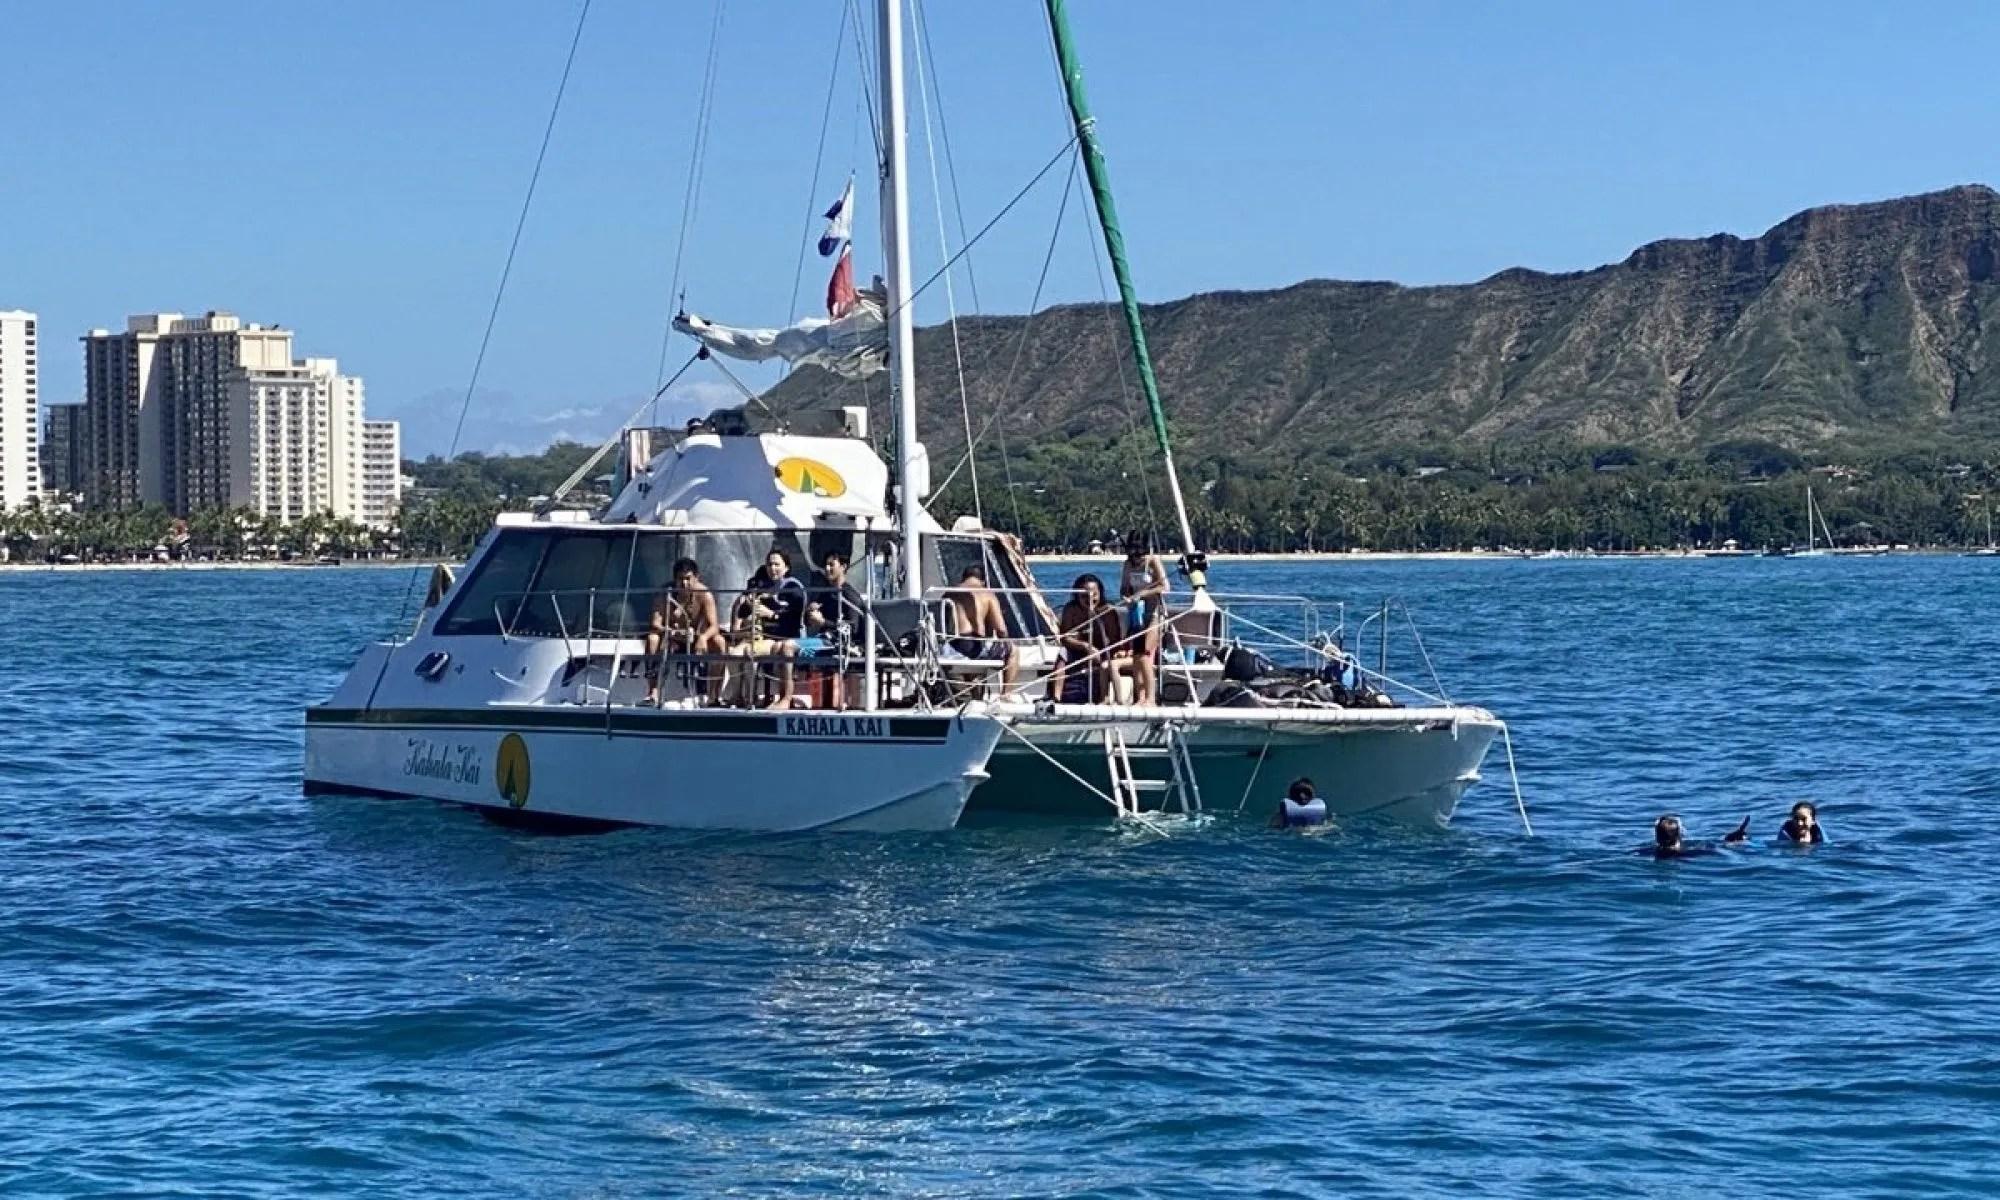 Waikiki Private Boat Charters